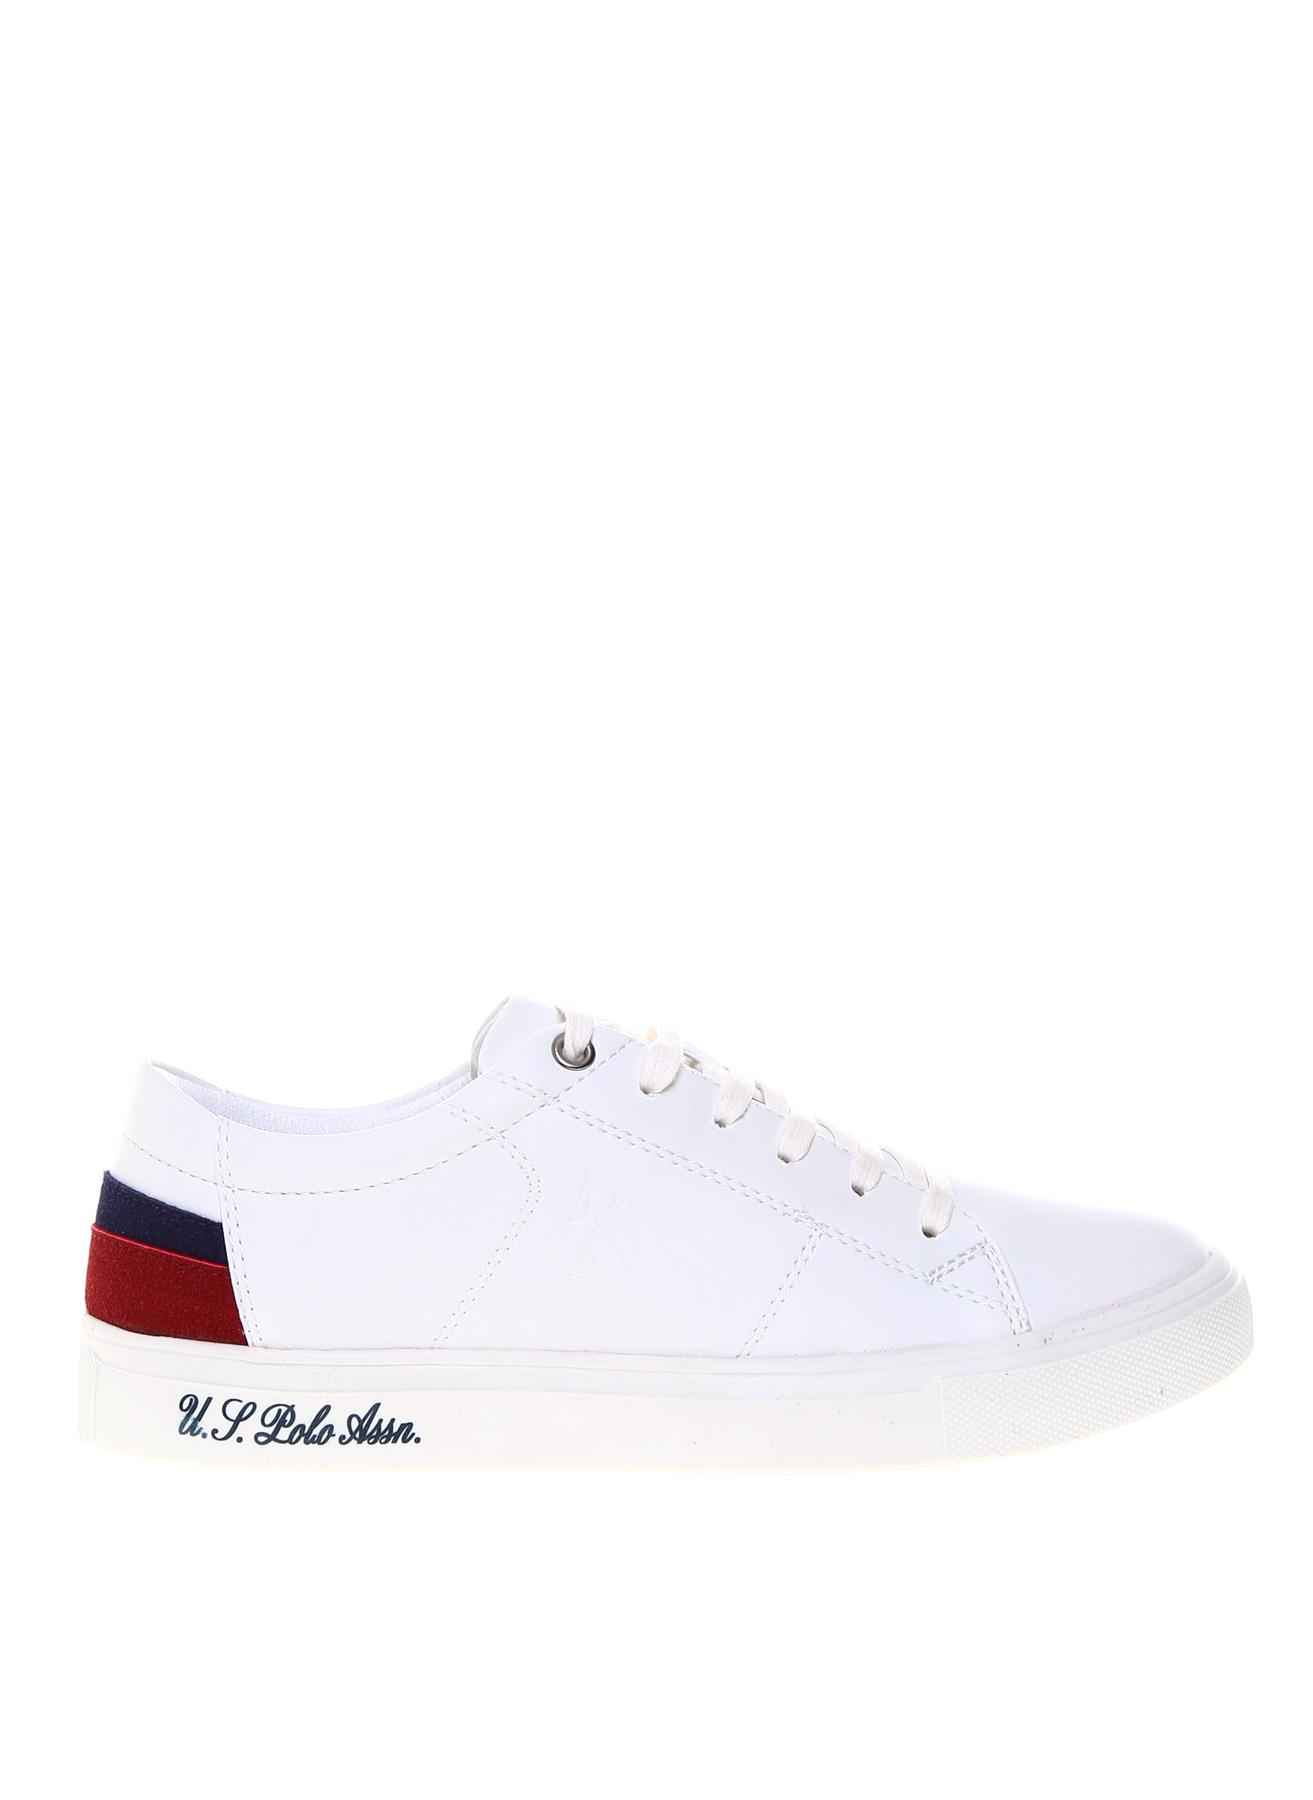 U.S. Polo Assn. Düz Ayakkabı 36 5001977235001 Ürün Resmi